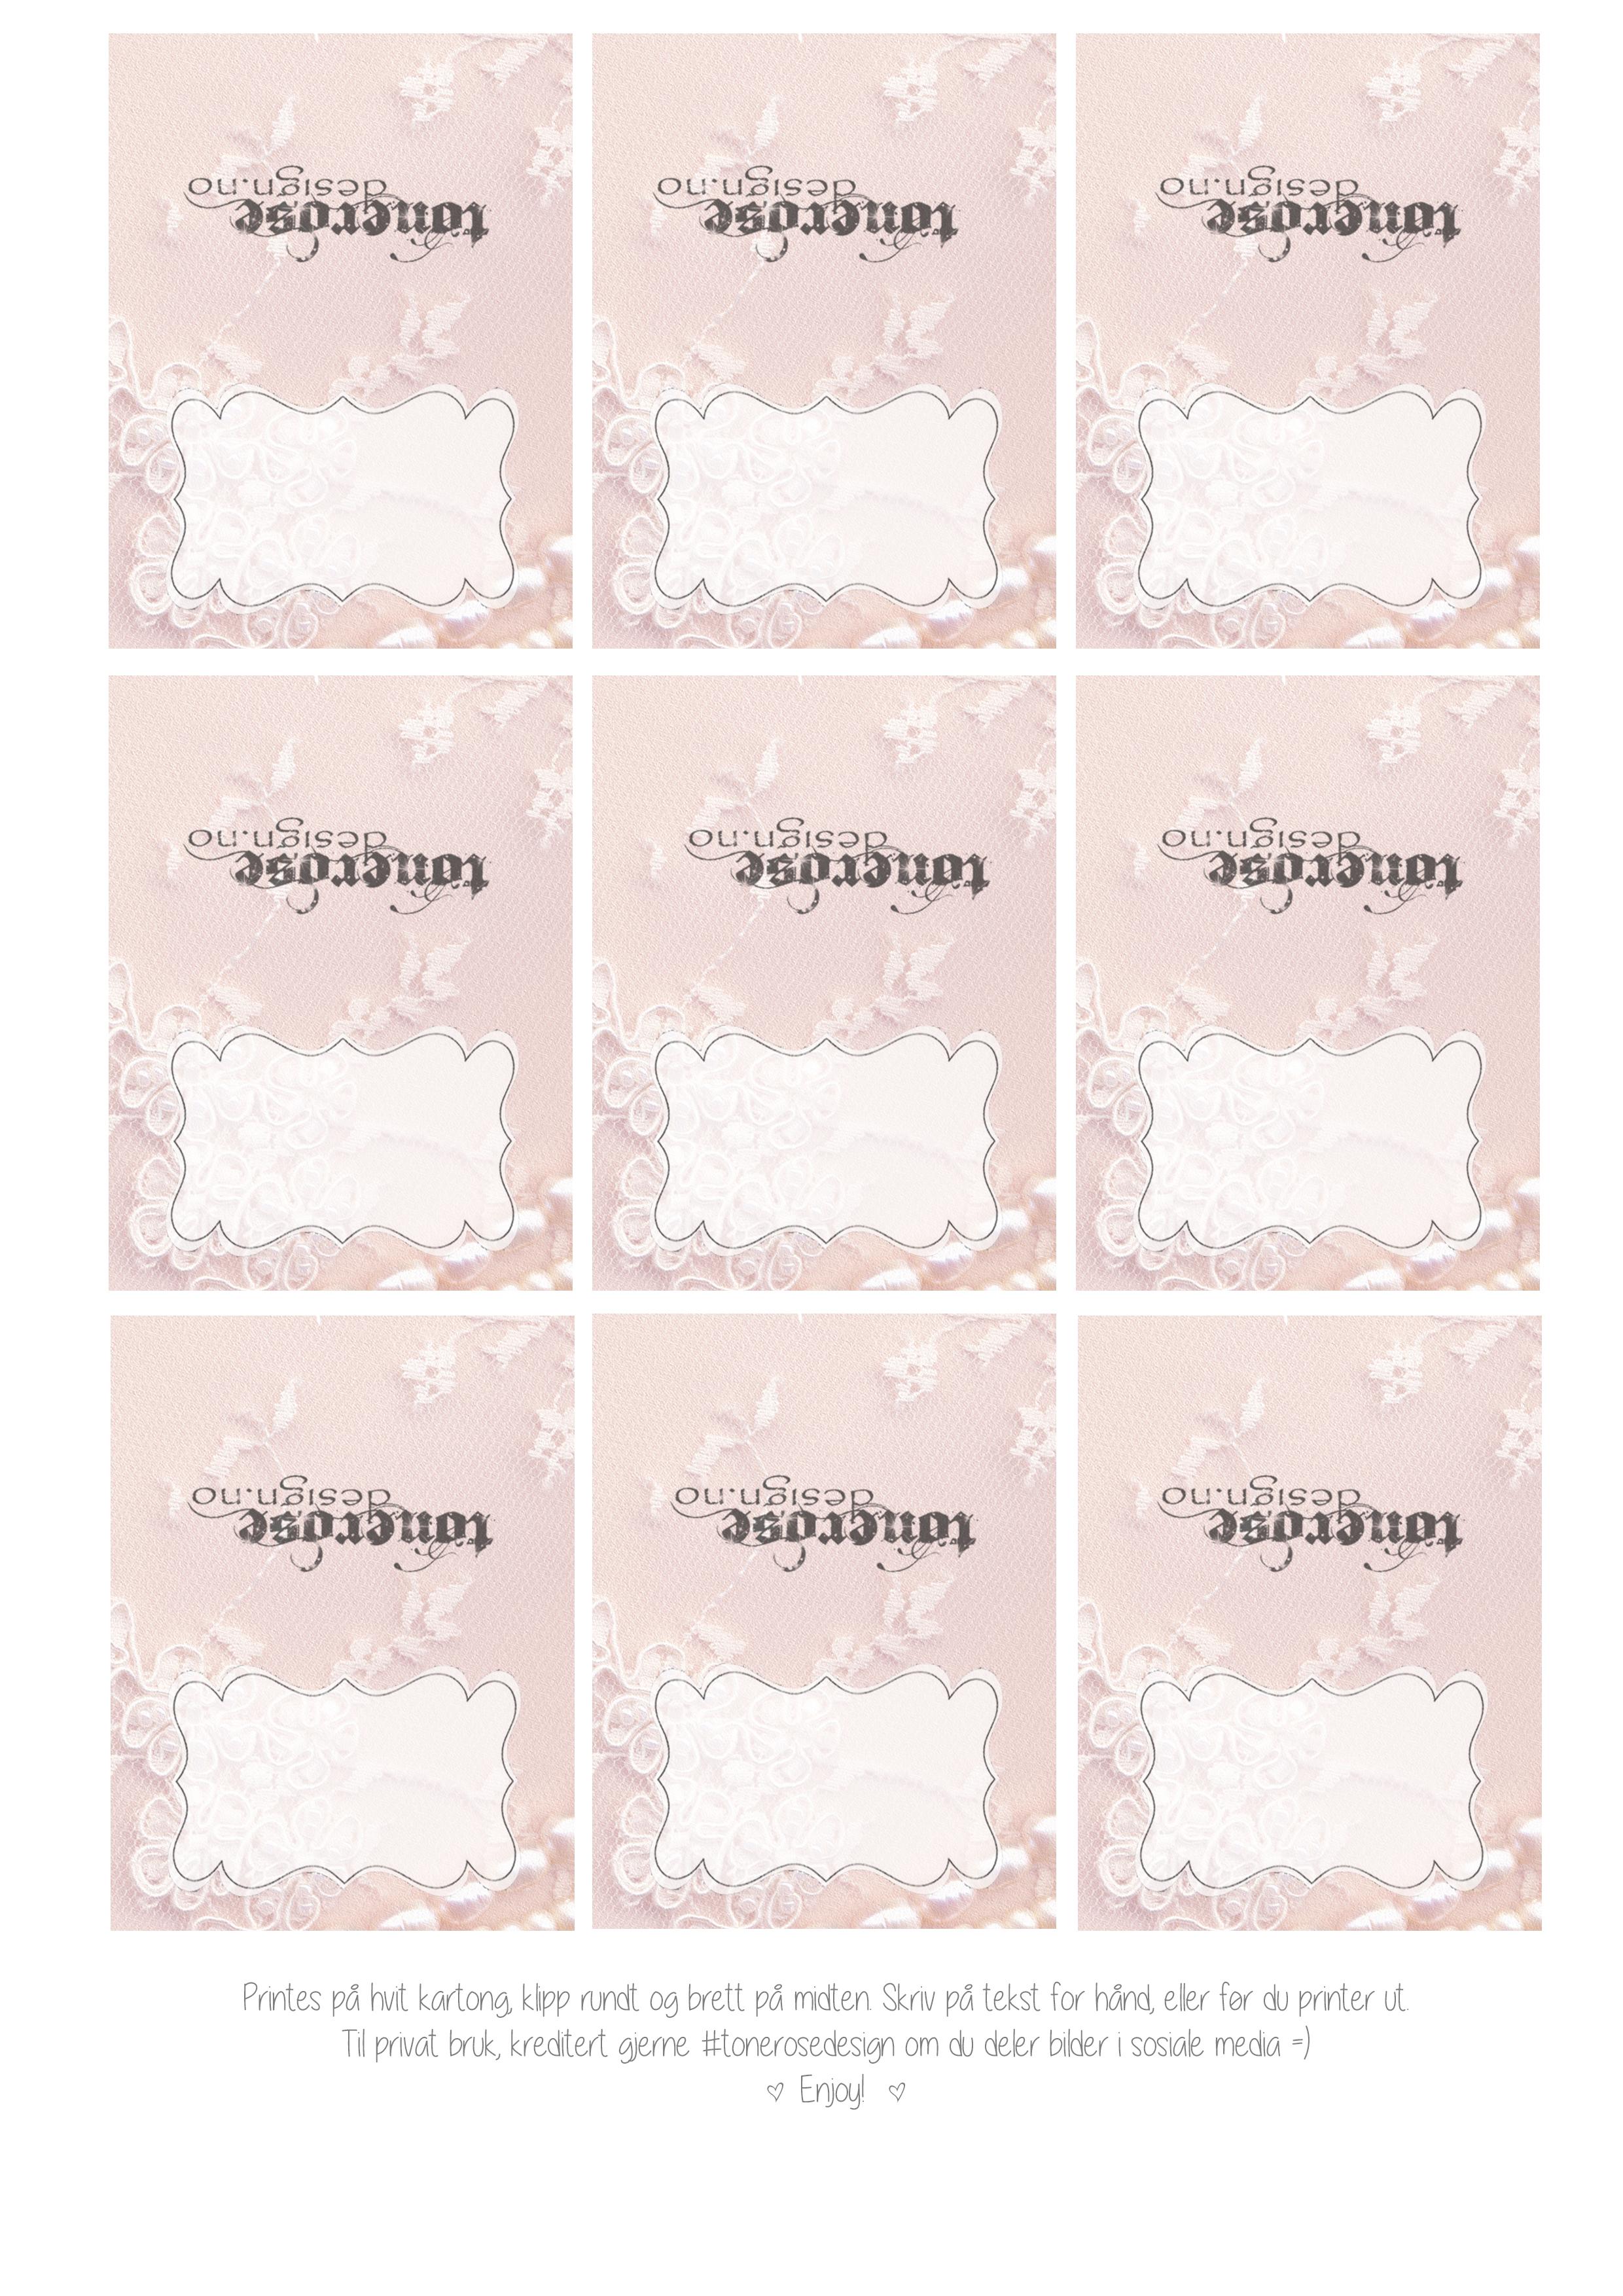 Vakre blonde-etiketter gratis - perfekt til bryllup, konfirmasjon osv